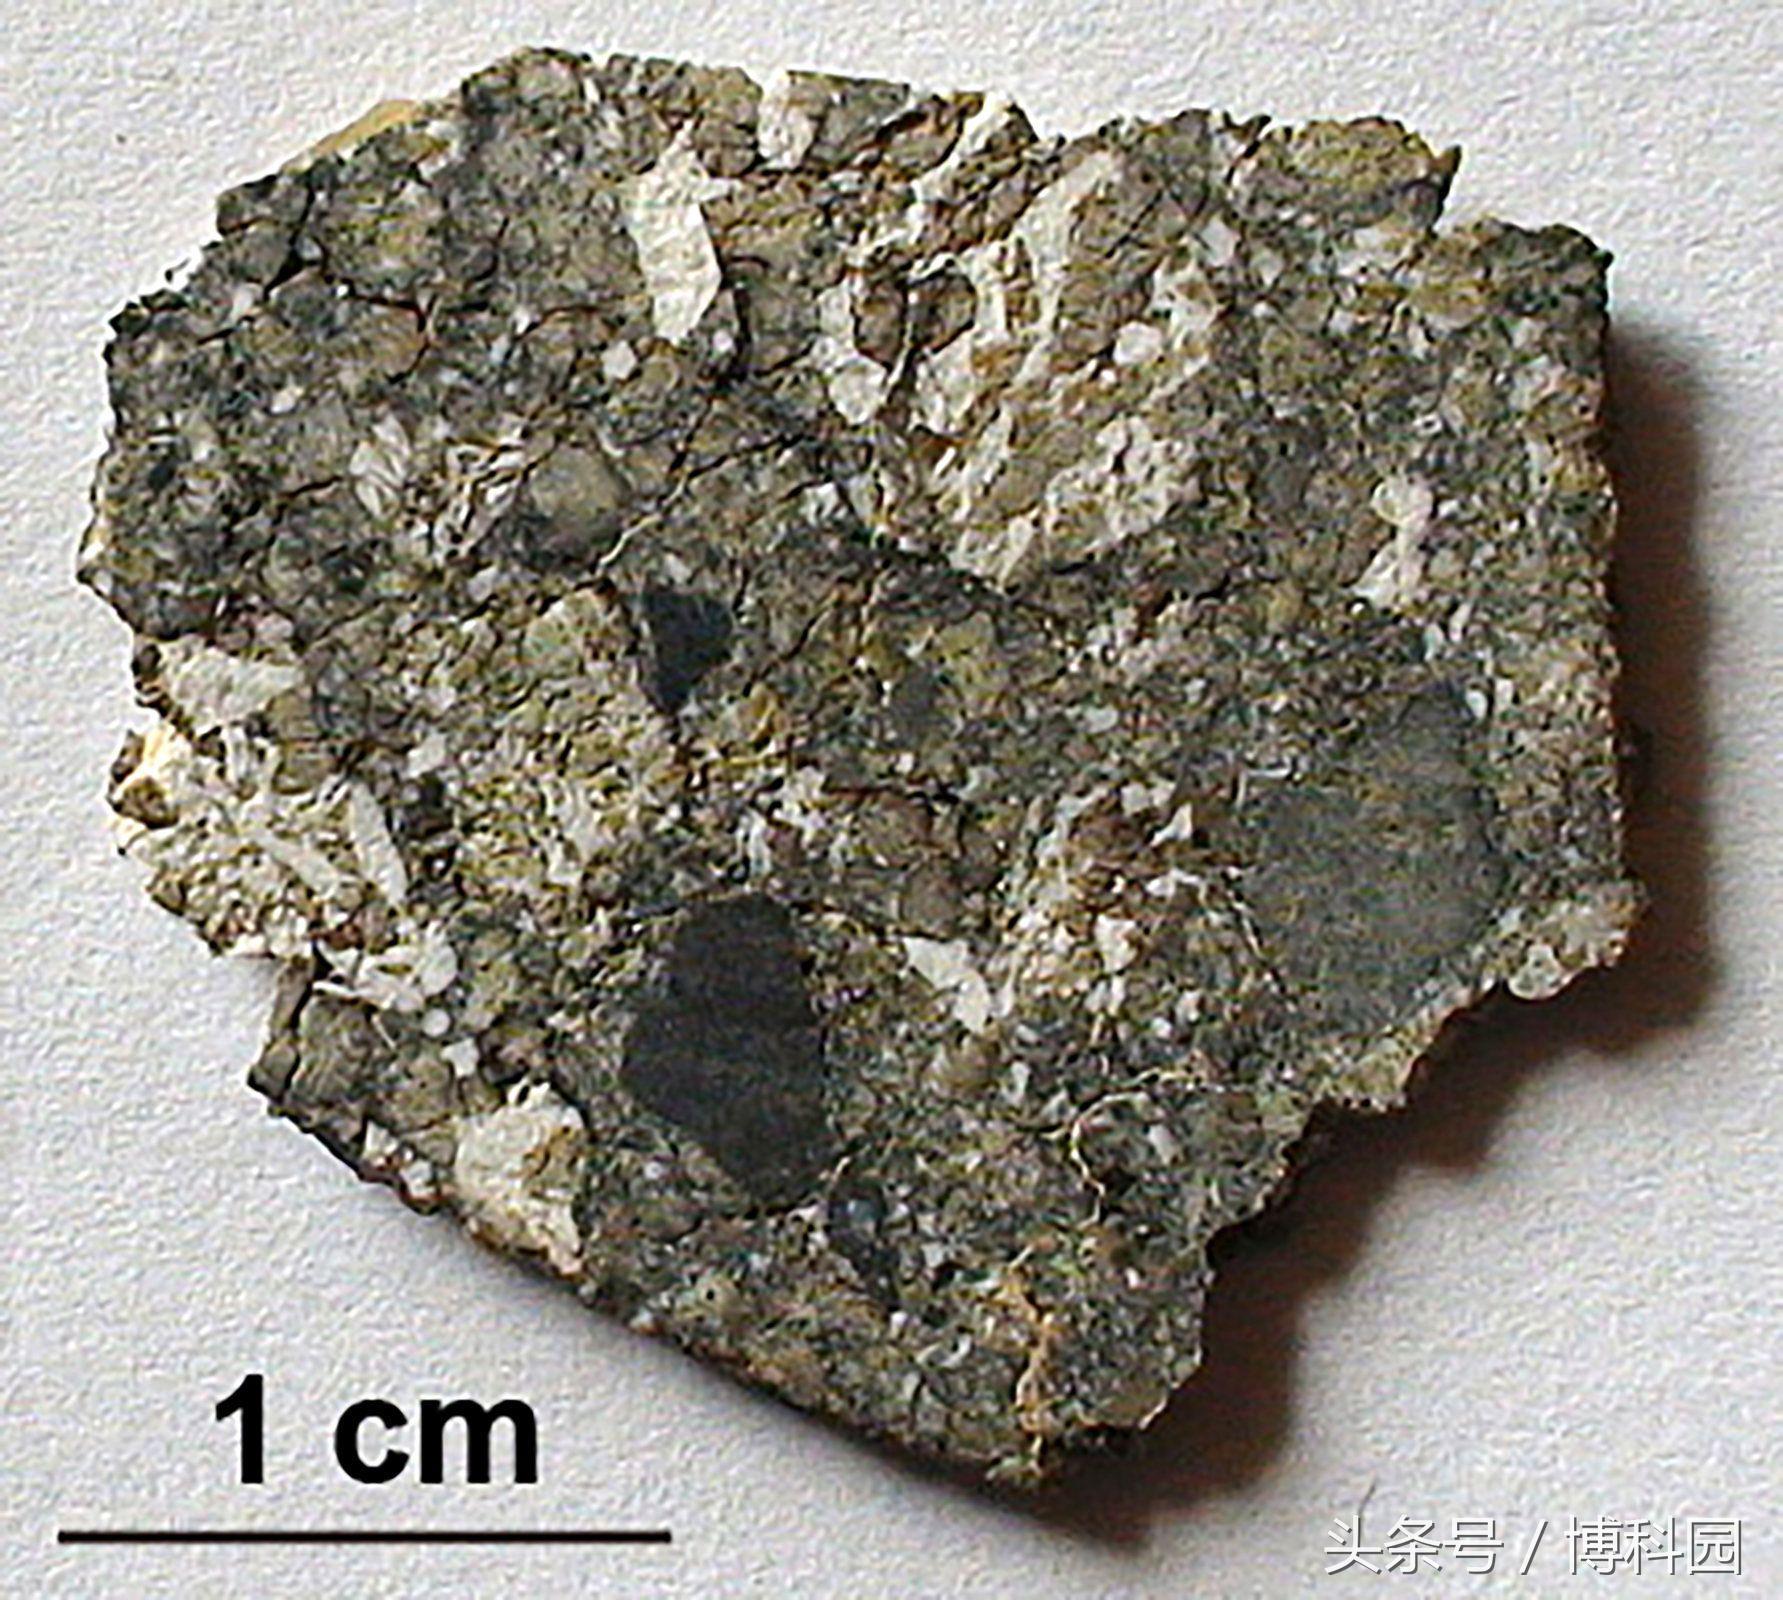 月球陨石上的矿物表明月球上曾经有水